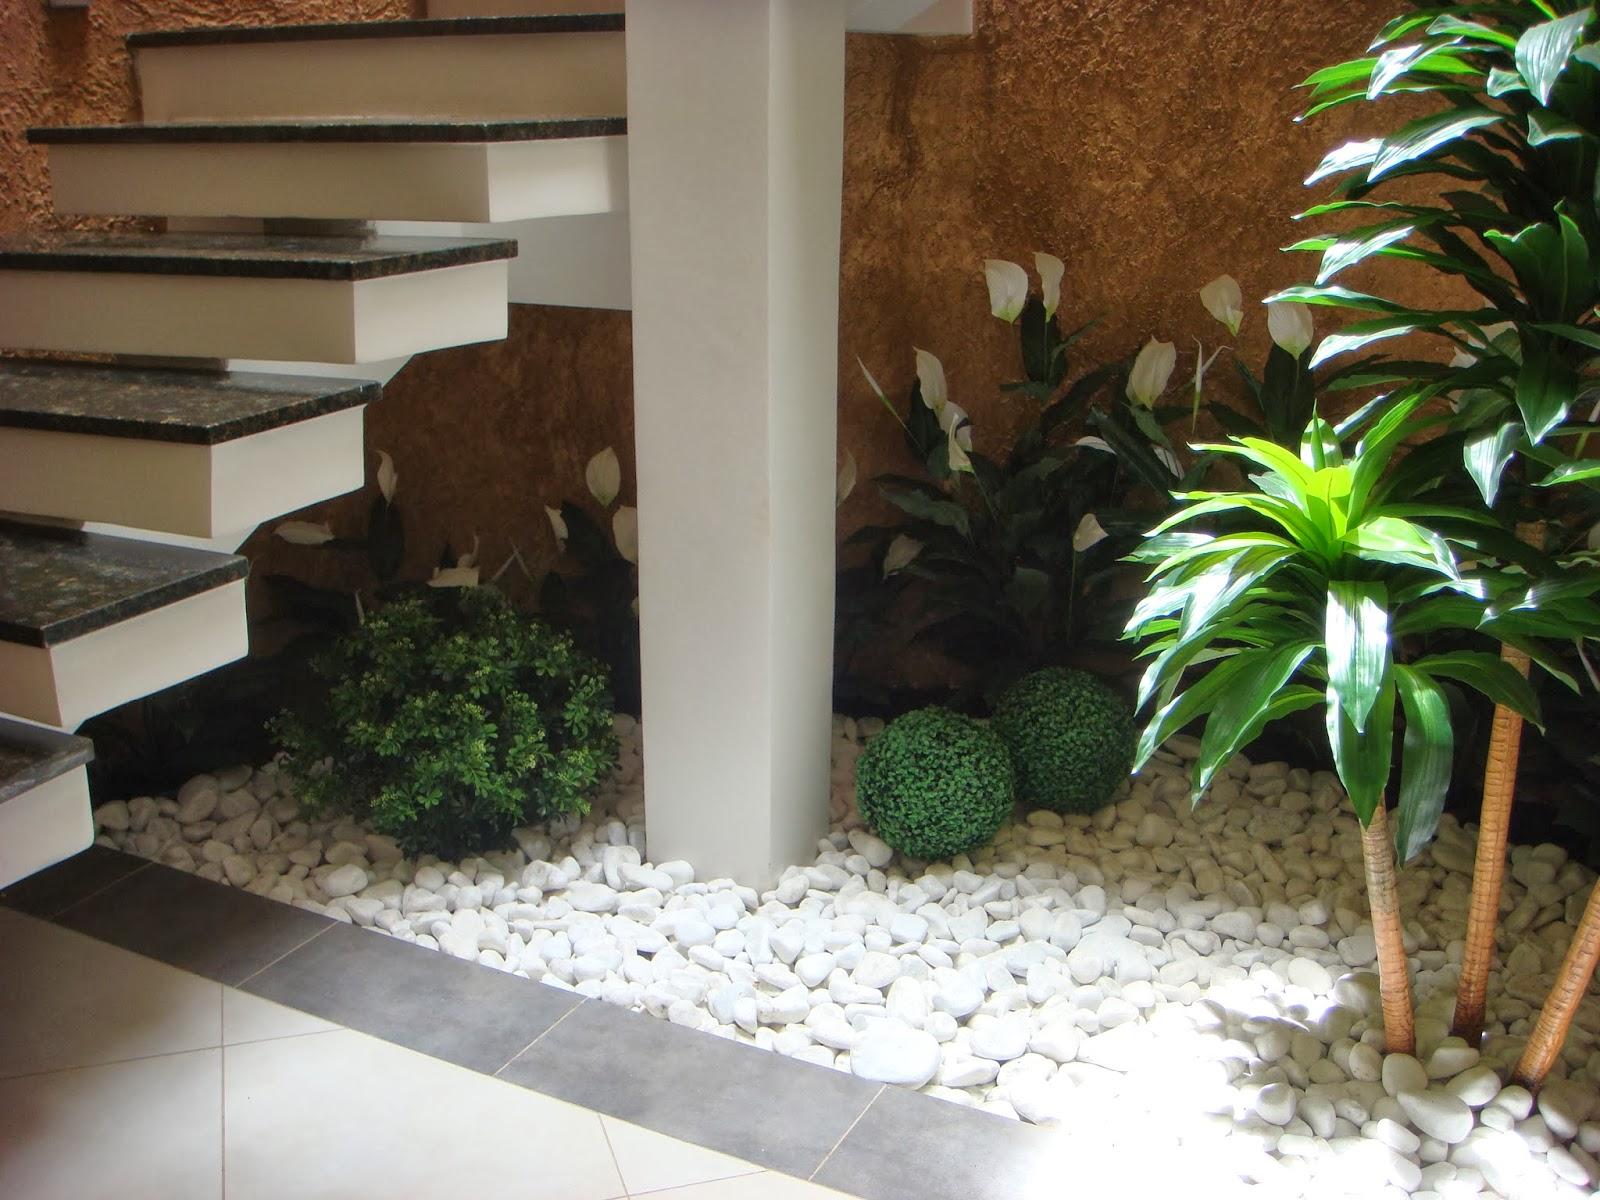 Casa das Flores: JARDIM DE INVERNO COM PLANTAS DUR?VEIS